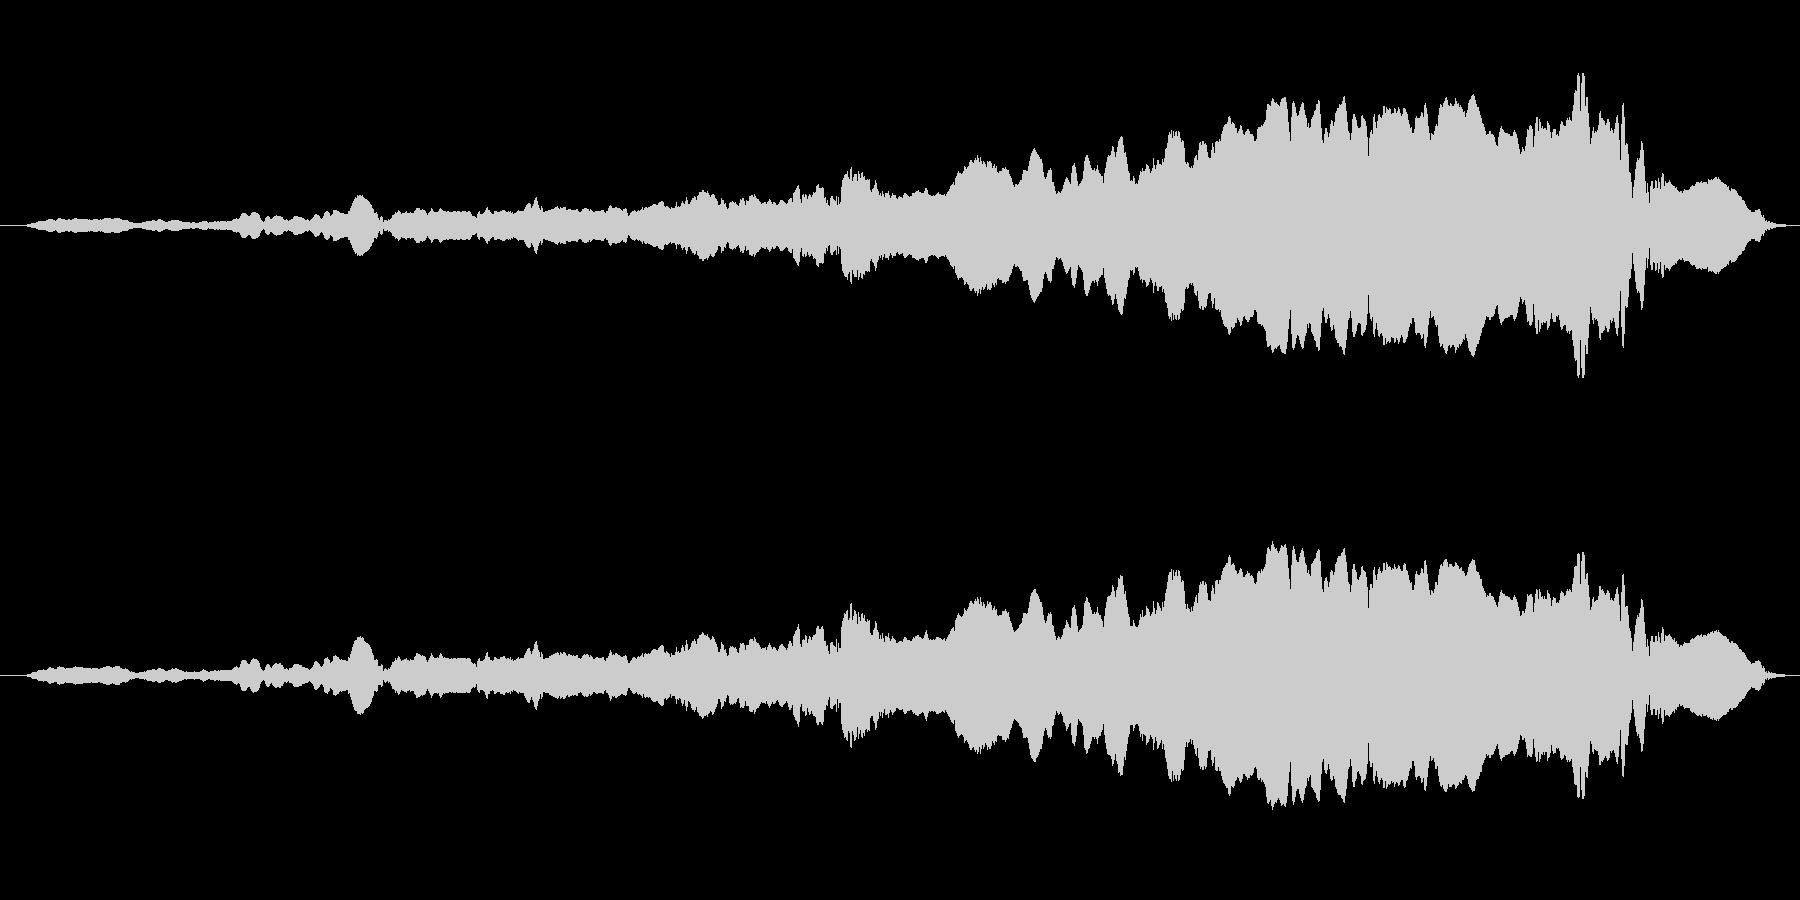 幽霊登場 スライドホイッスルの未再生の波形